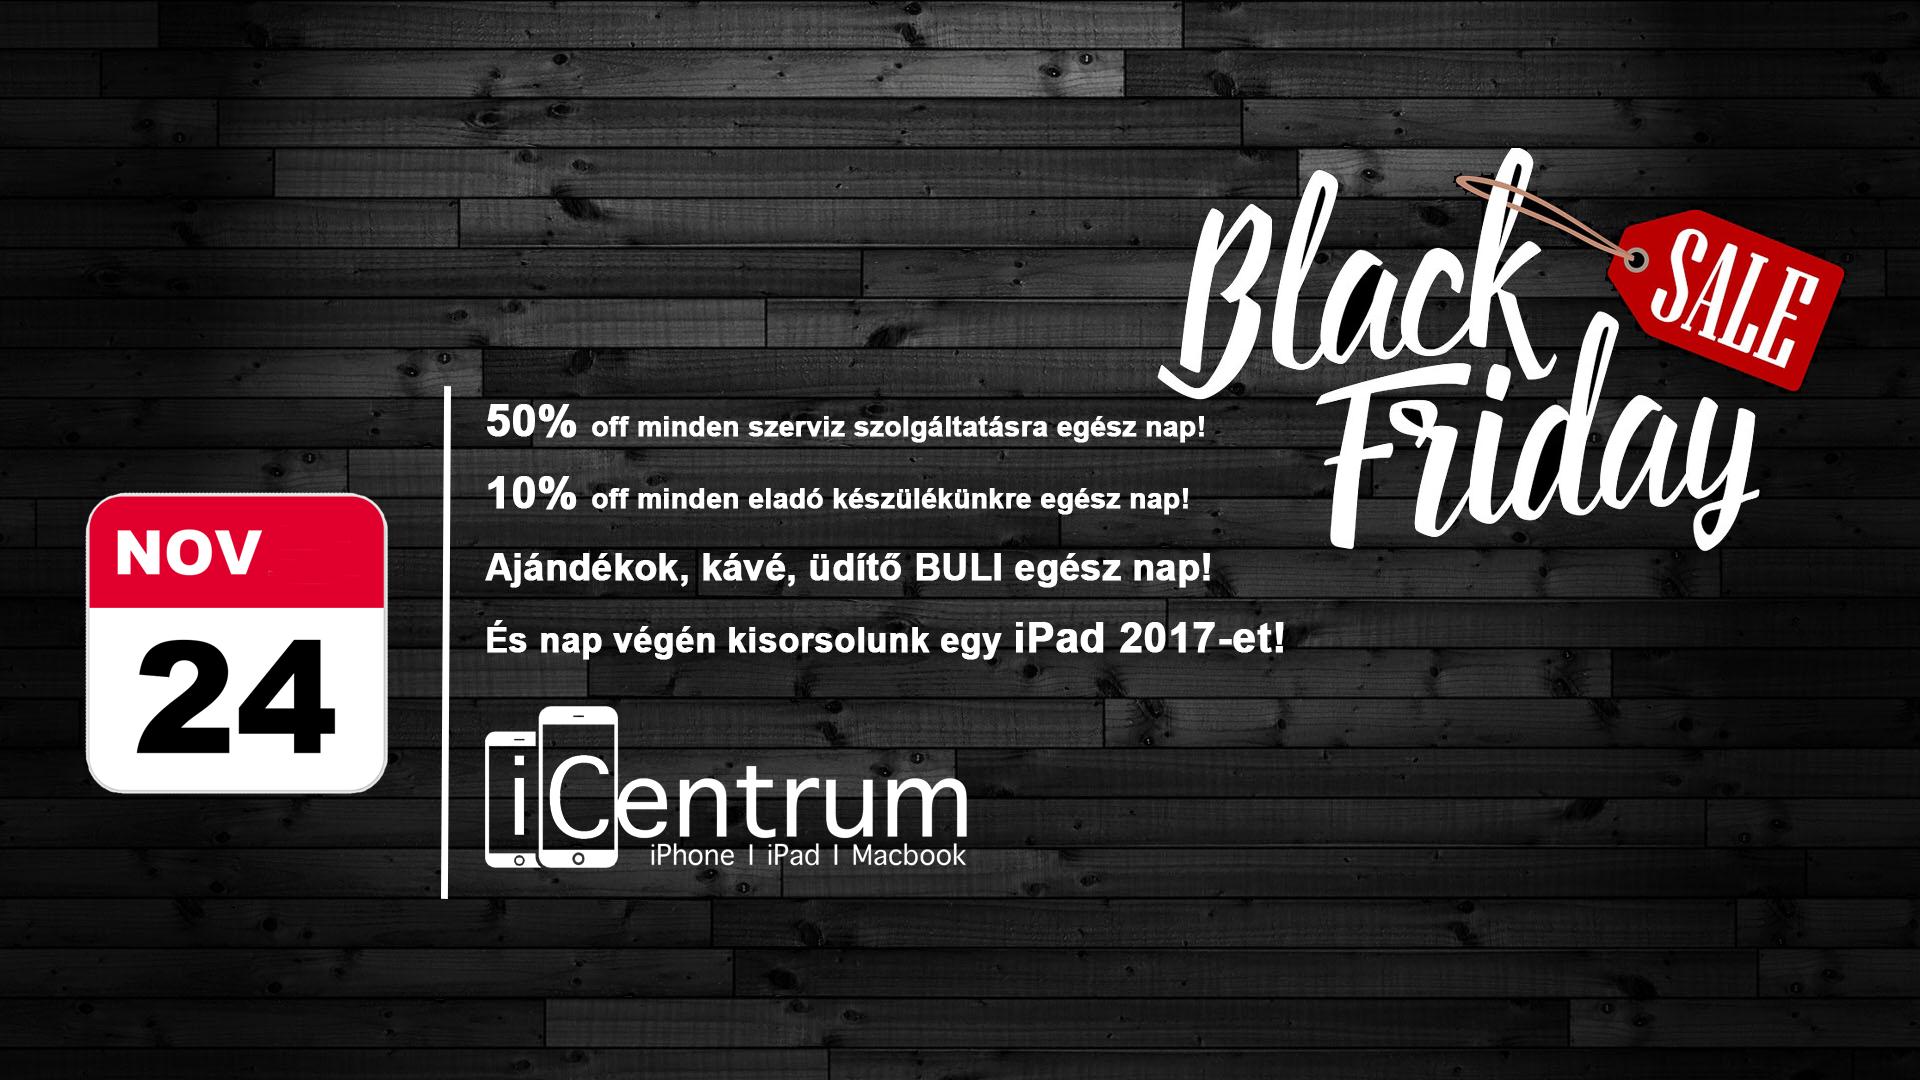 Nyerj egy iPadet az iCentrumnál, itt a 2017-es Black Friday ajánlatuk!